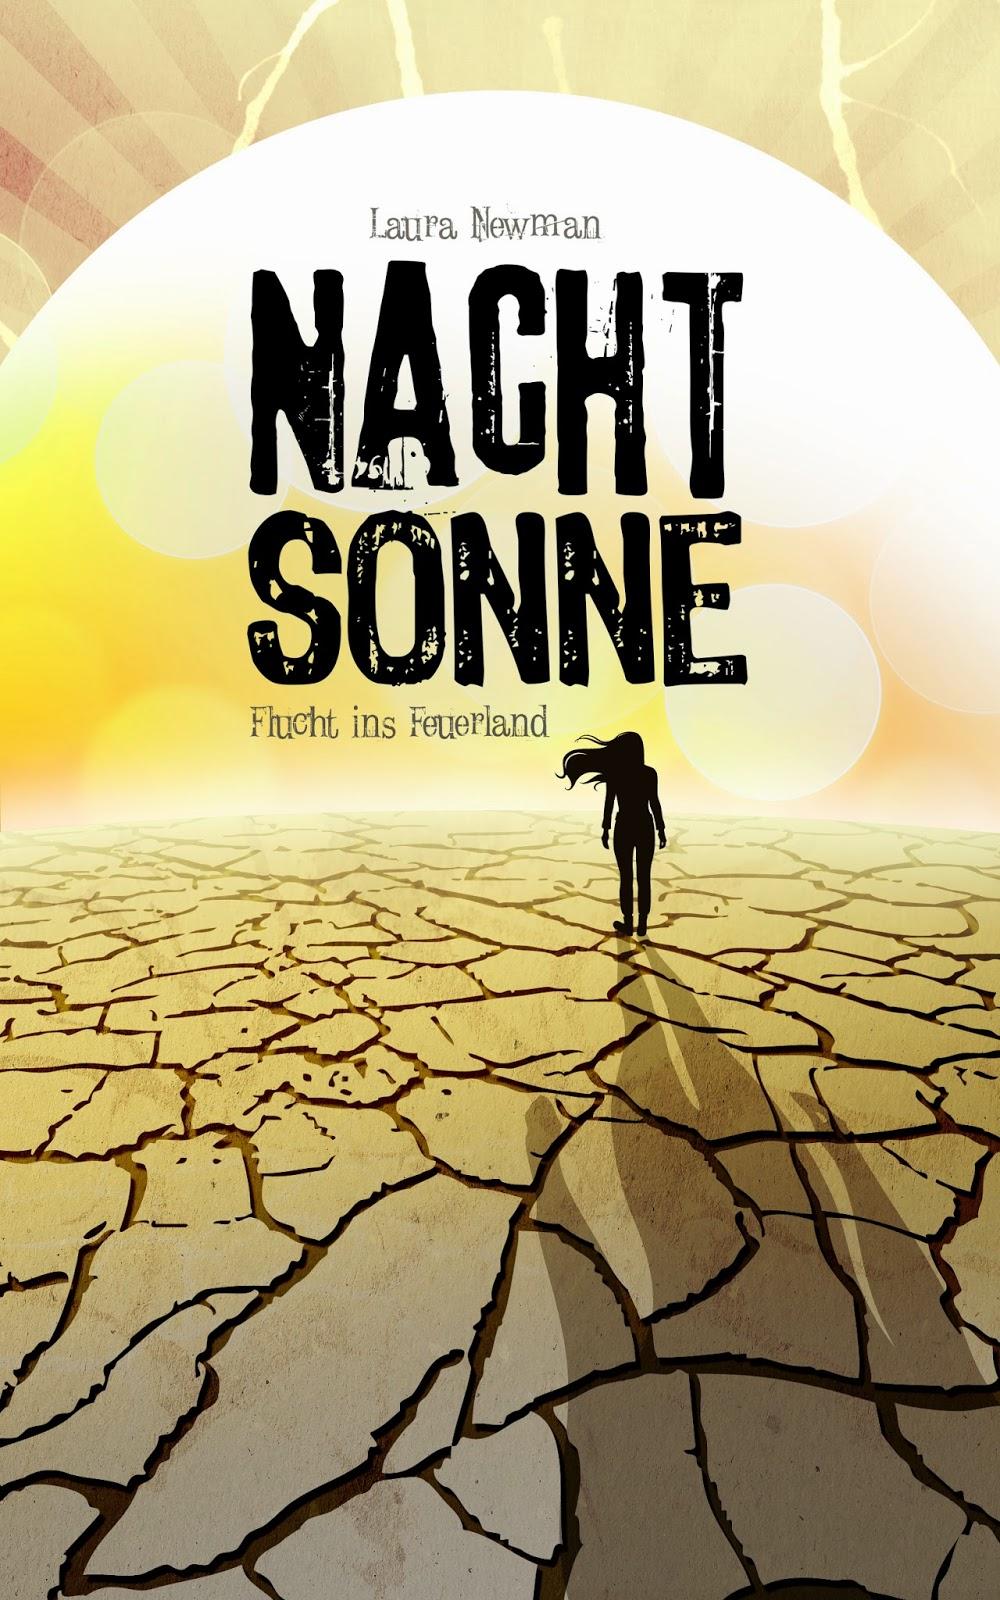 http://www.amazon.de/NACHTSONNE-Flucht-Feuerland-Nachtsonne-Chroniken/dp/1497507219/ref=sr_1_1?ie=UTF8&qid=1405870260&sr=8-1&keywords=nachtsonne